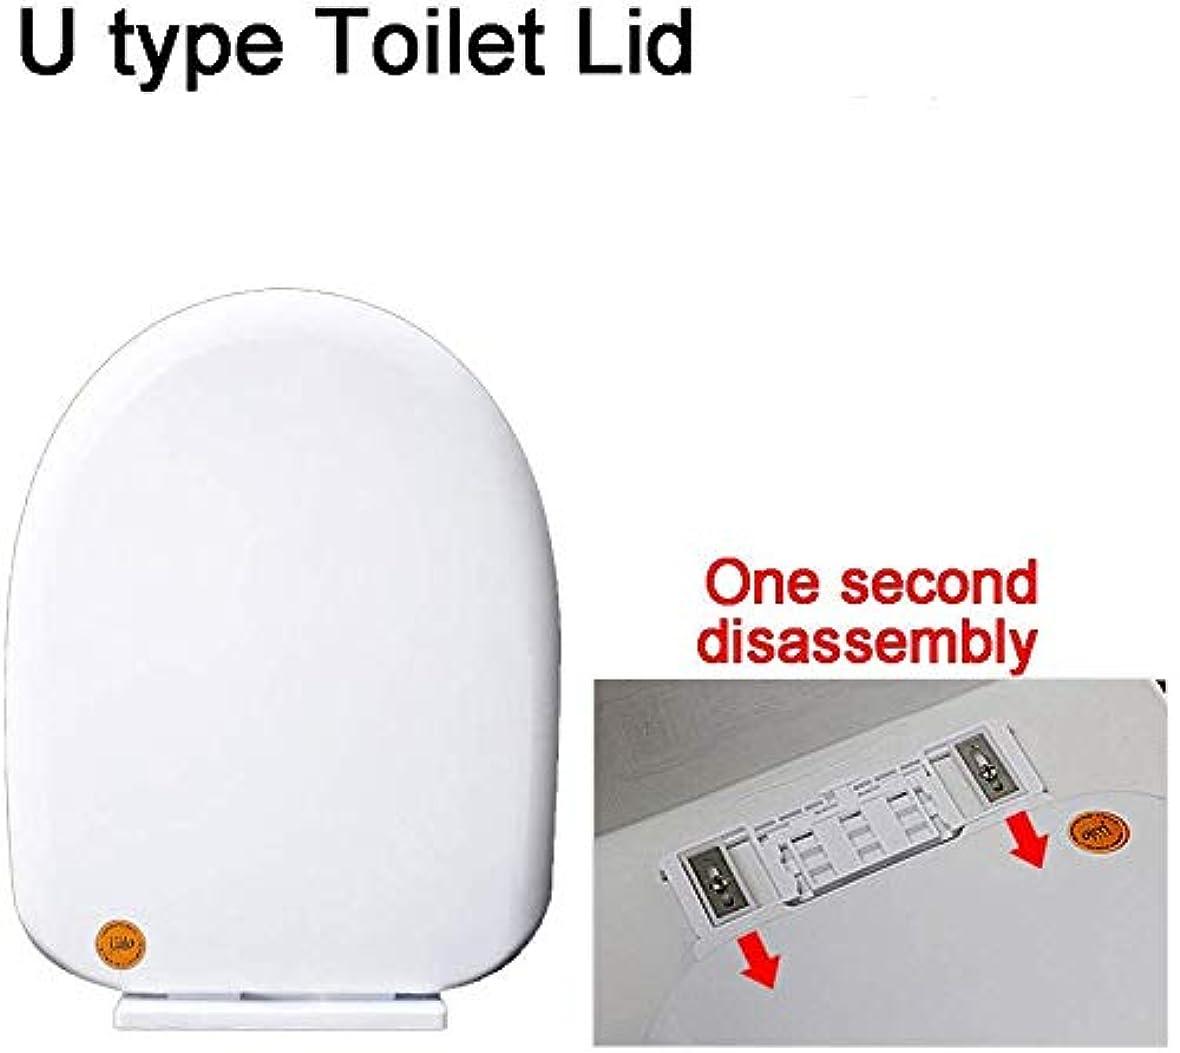 無法者付き添い人S-graceful便座互換性のある便座ミュート付きクイックリリース厚くした上部に取り付けられた超耐性便器蓋V/U/O形トイレ、白-U